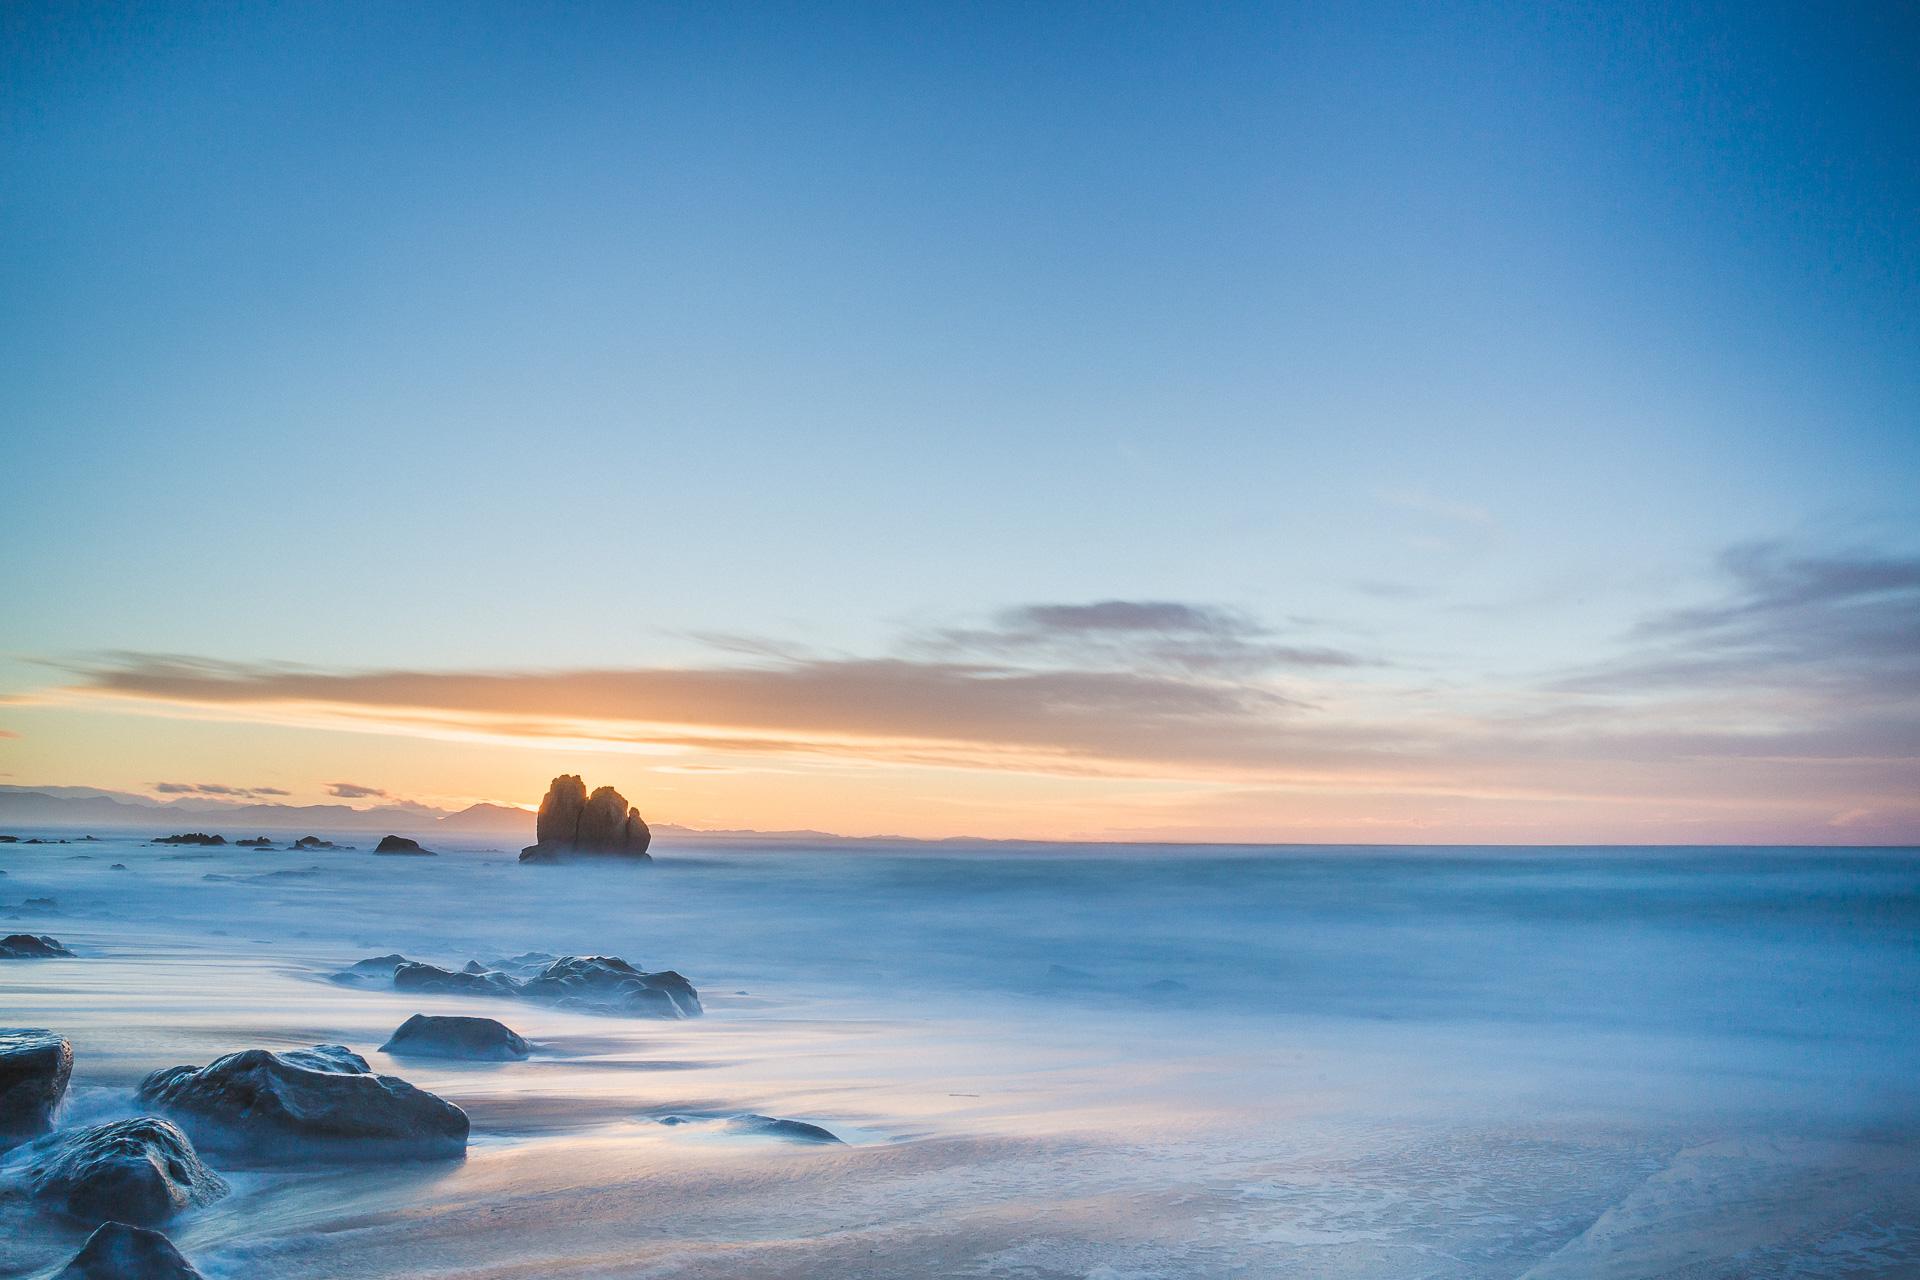 Damien-Dohmen-photographe-Ocean-1